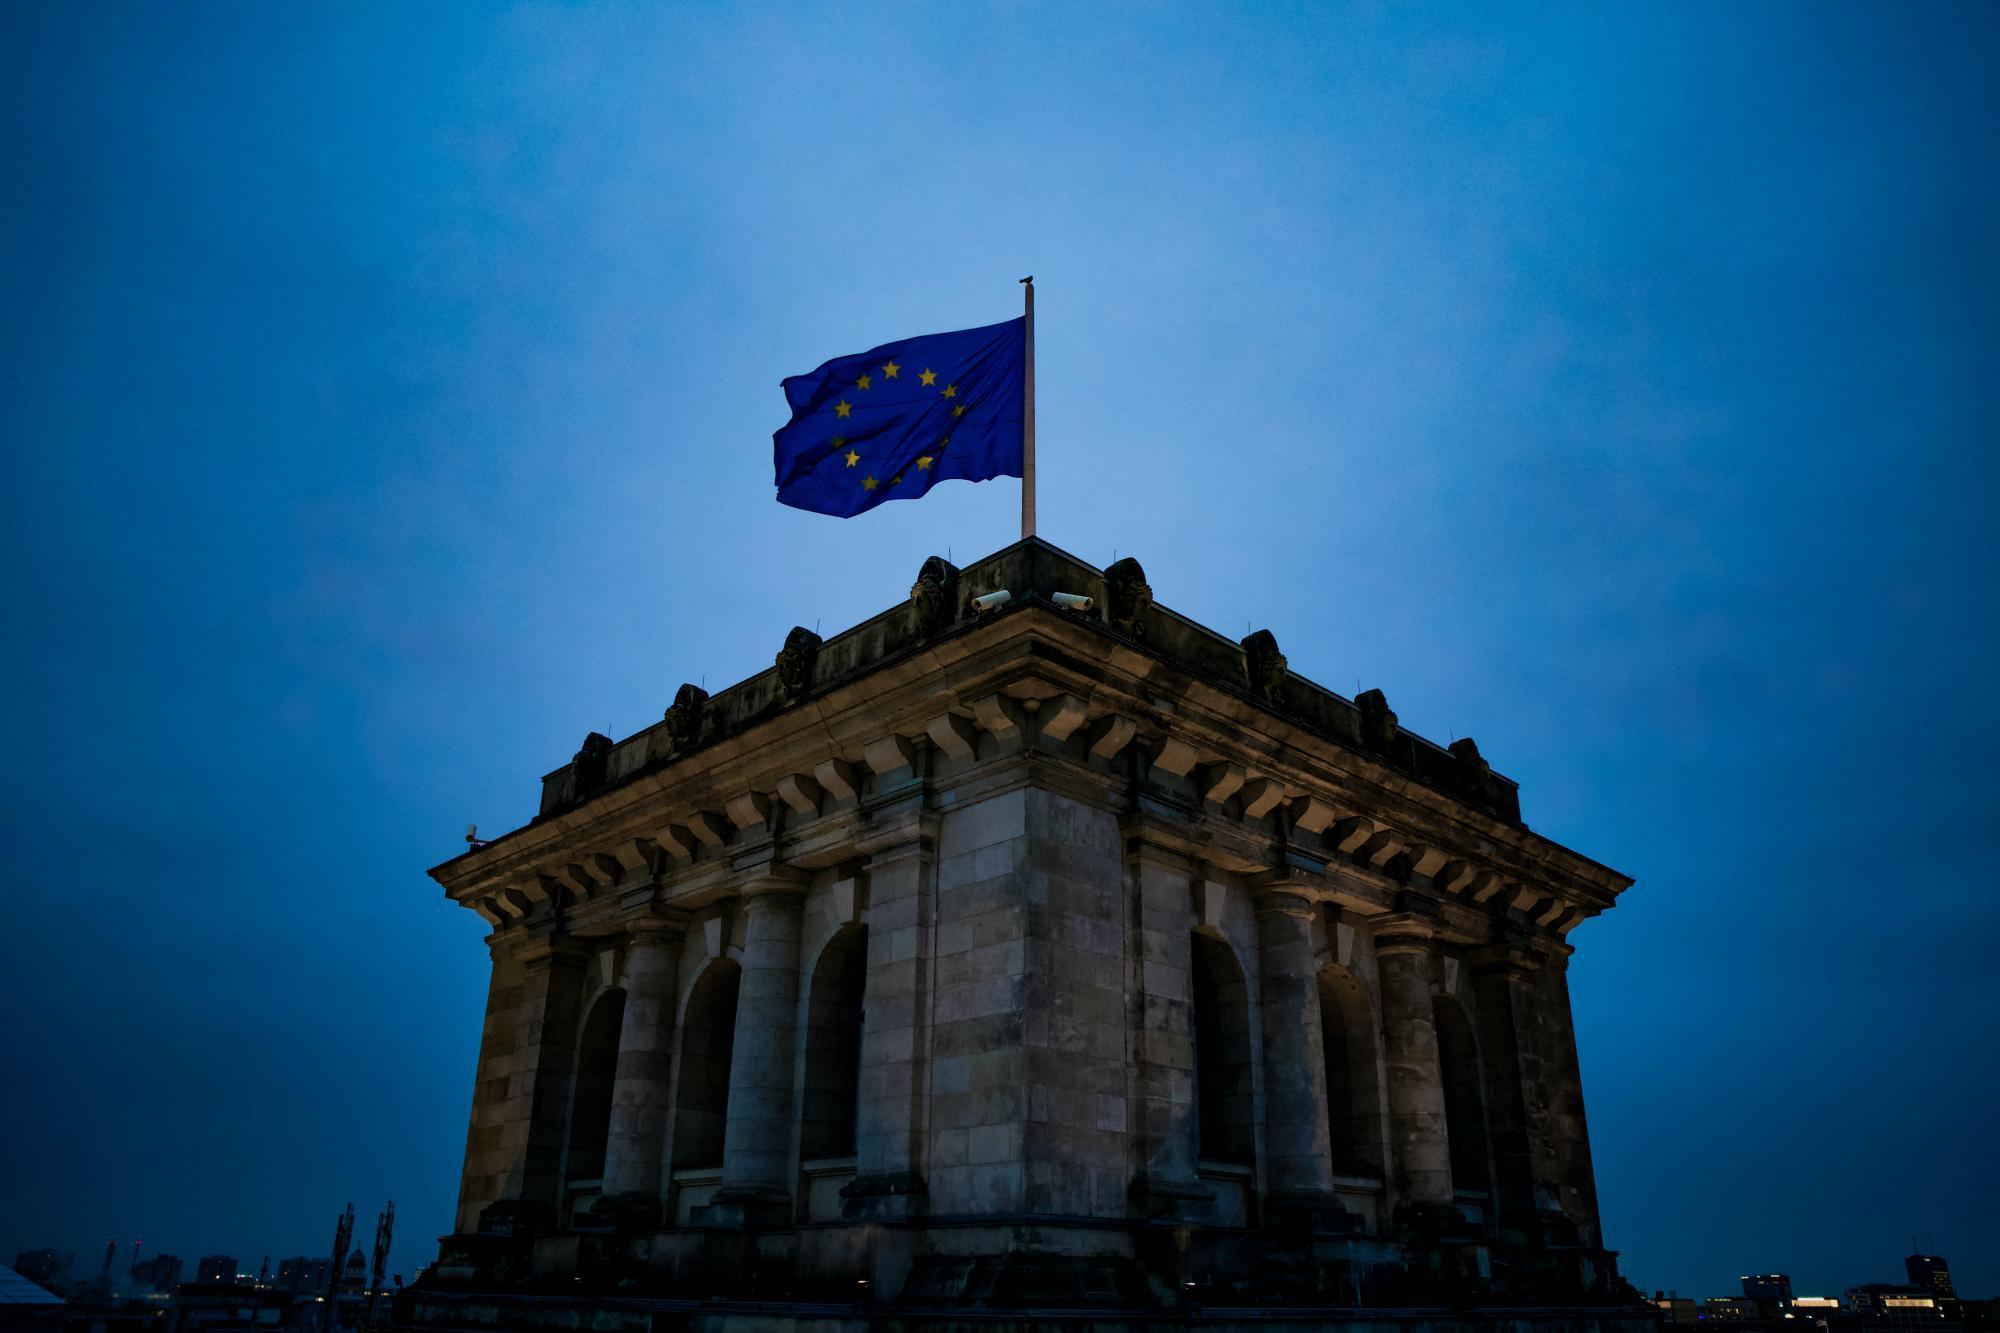 Еврокомиссия усиливает контроль за отмыванием денег и обновляет «черный список»